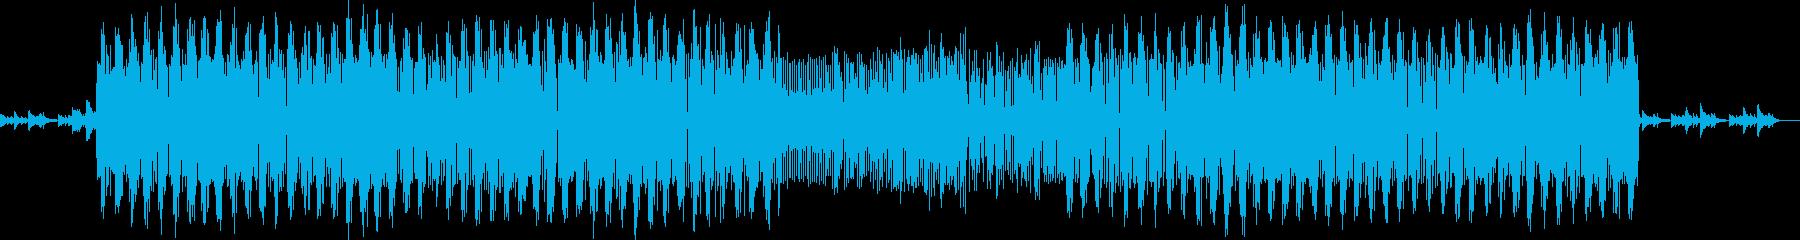 少しアンバランスなテクノ風カリンバの再生済みの波形